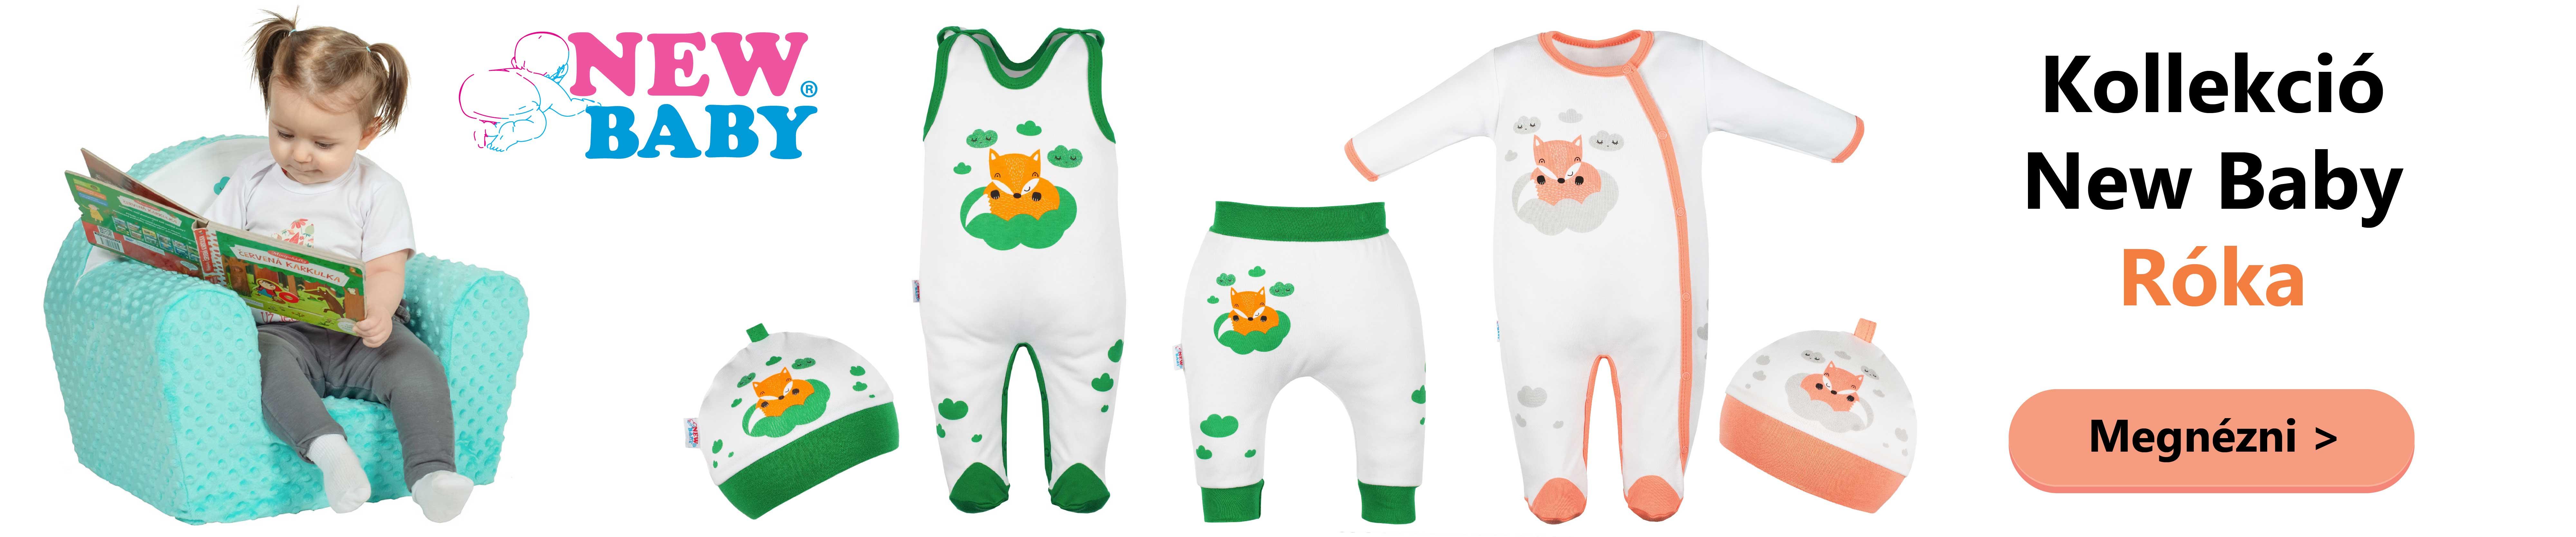 1007beb6af A New Baby márka újabb kényelmes és praktikus kollekcióval jelentkezik. A  Róka kollekció puha, gyengéd pamutból készült, és játékos képpel van  díszítve, ...